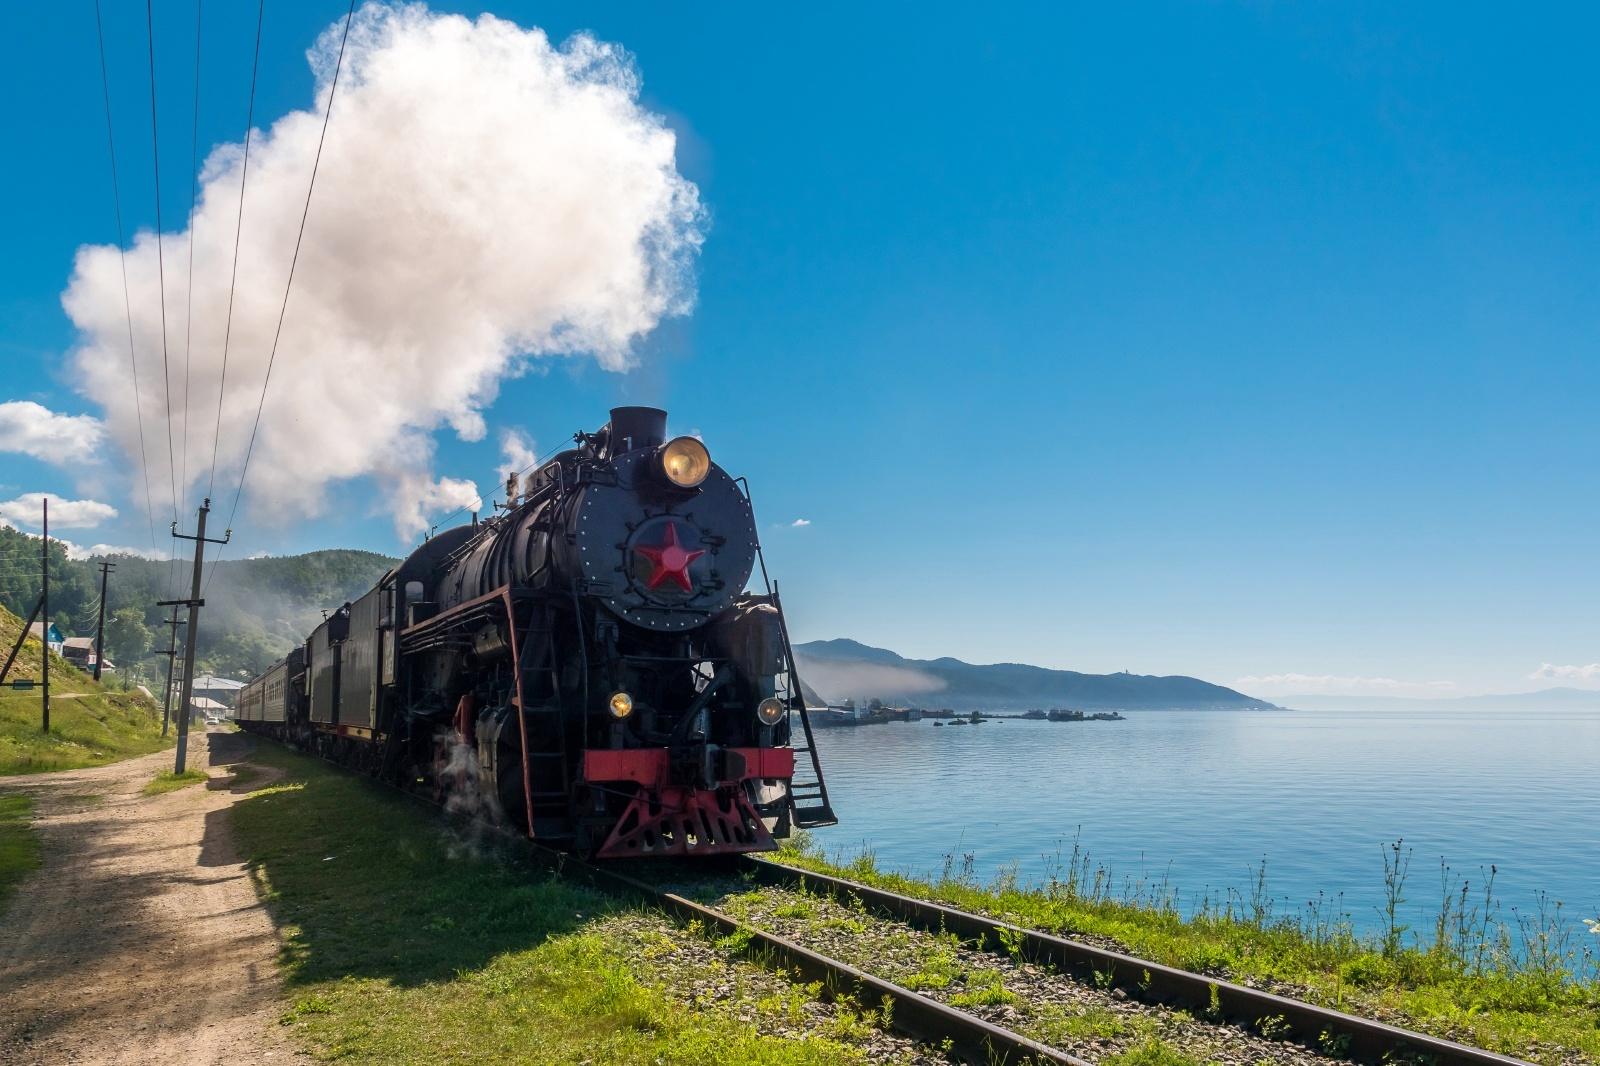 バイカル湖畔を走る蒸気機関車 ロシアの鉄道